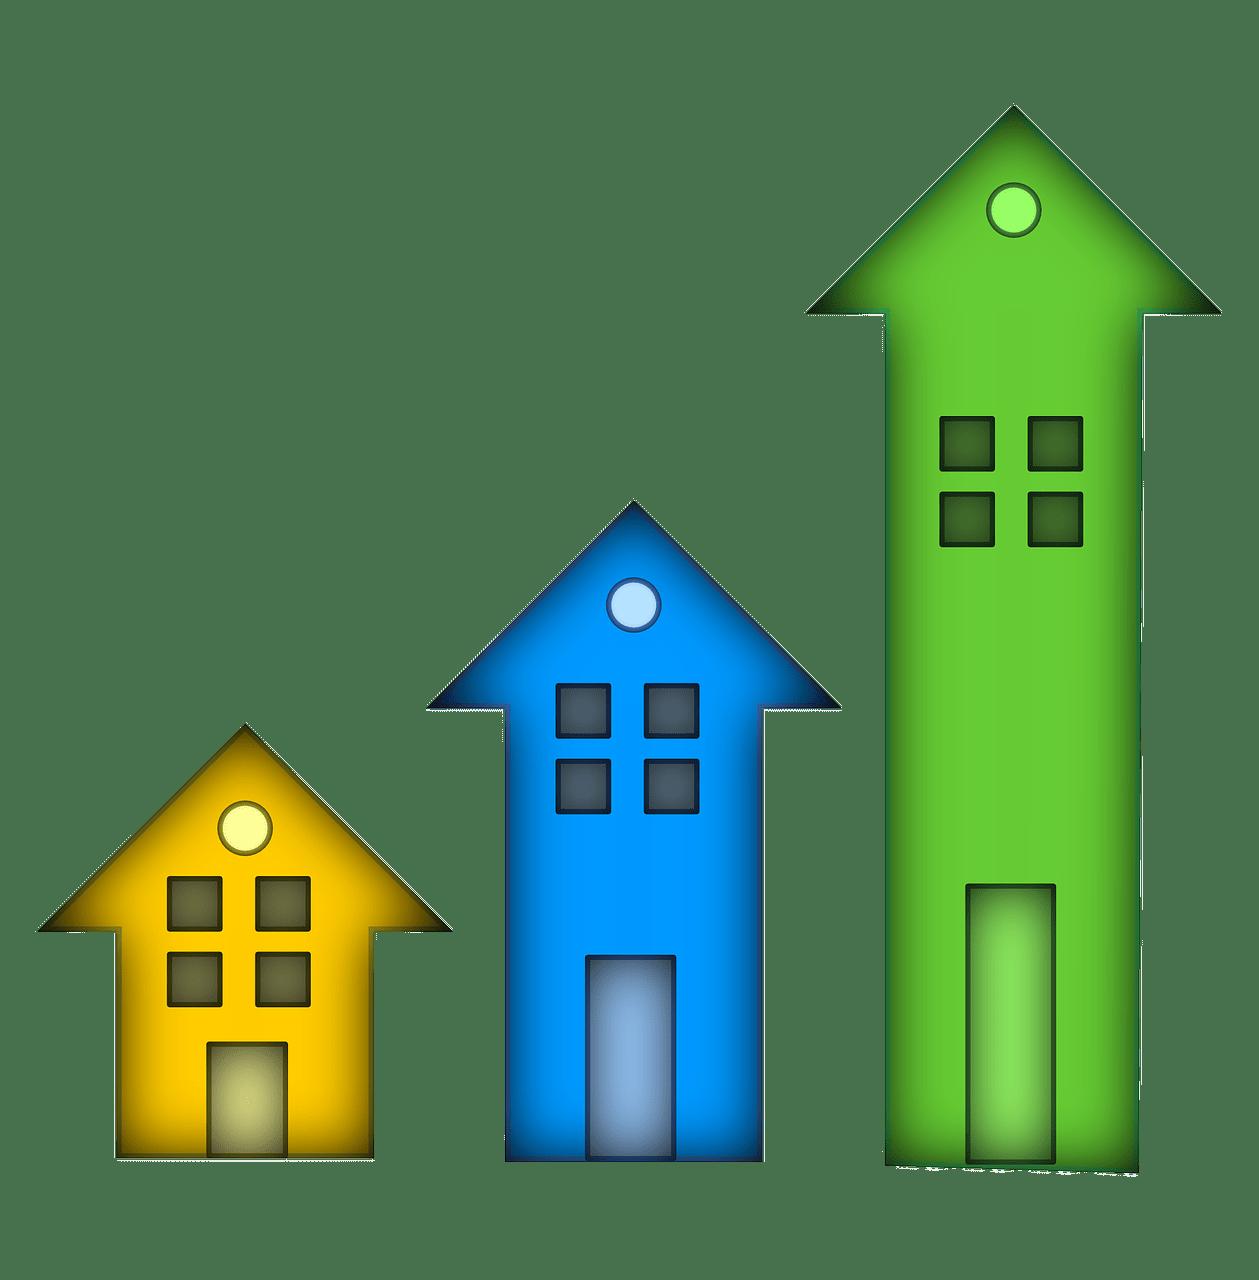 kapitalanlage-immobillie-haus-kaufen-groß